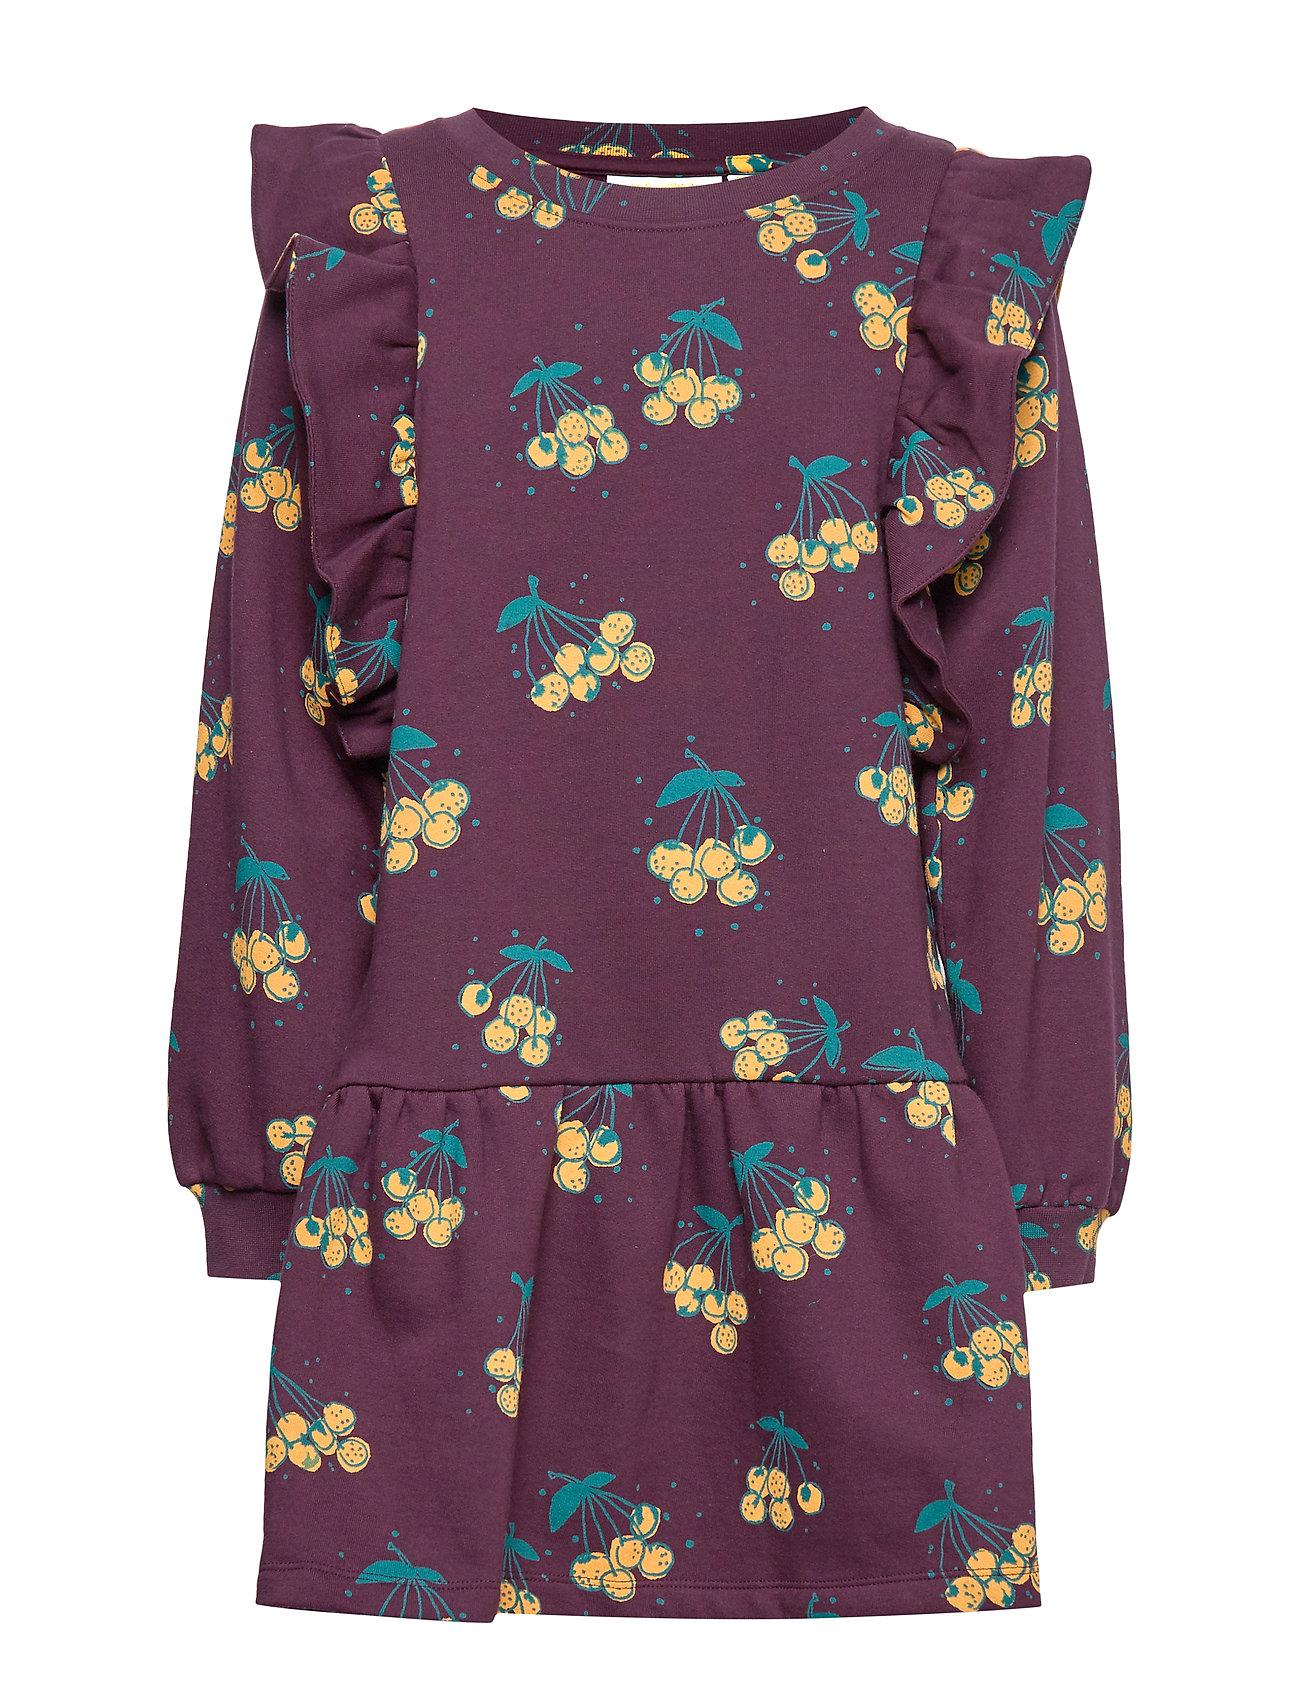 Soft Gallery Esmeralda Dress - WINETASTING, AOP BERRIES